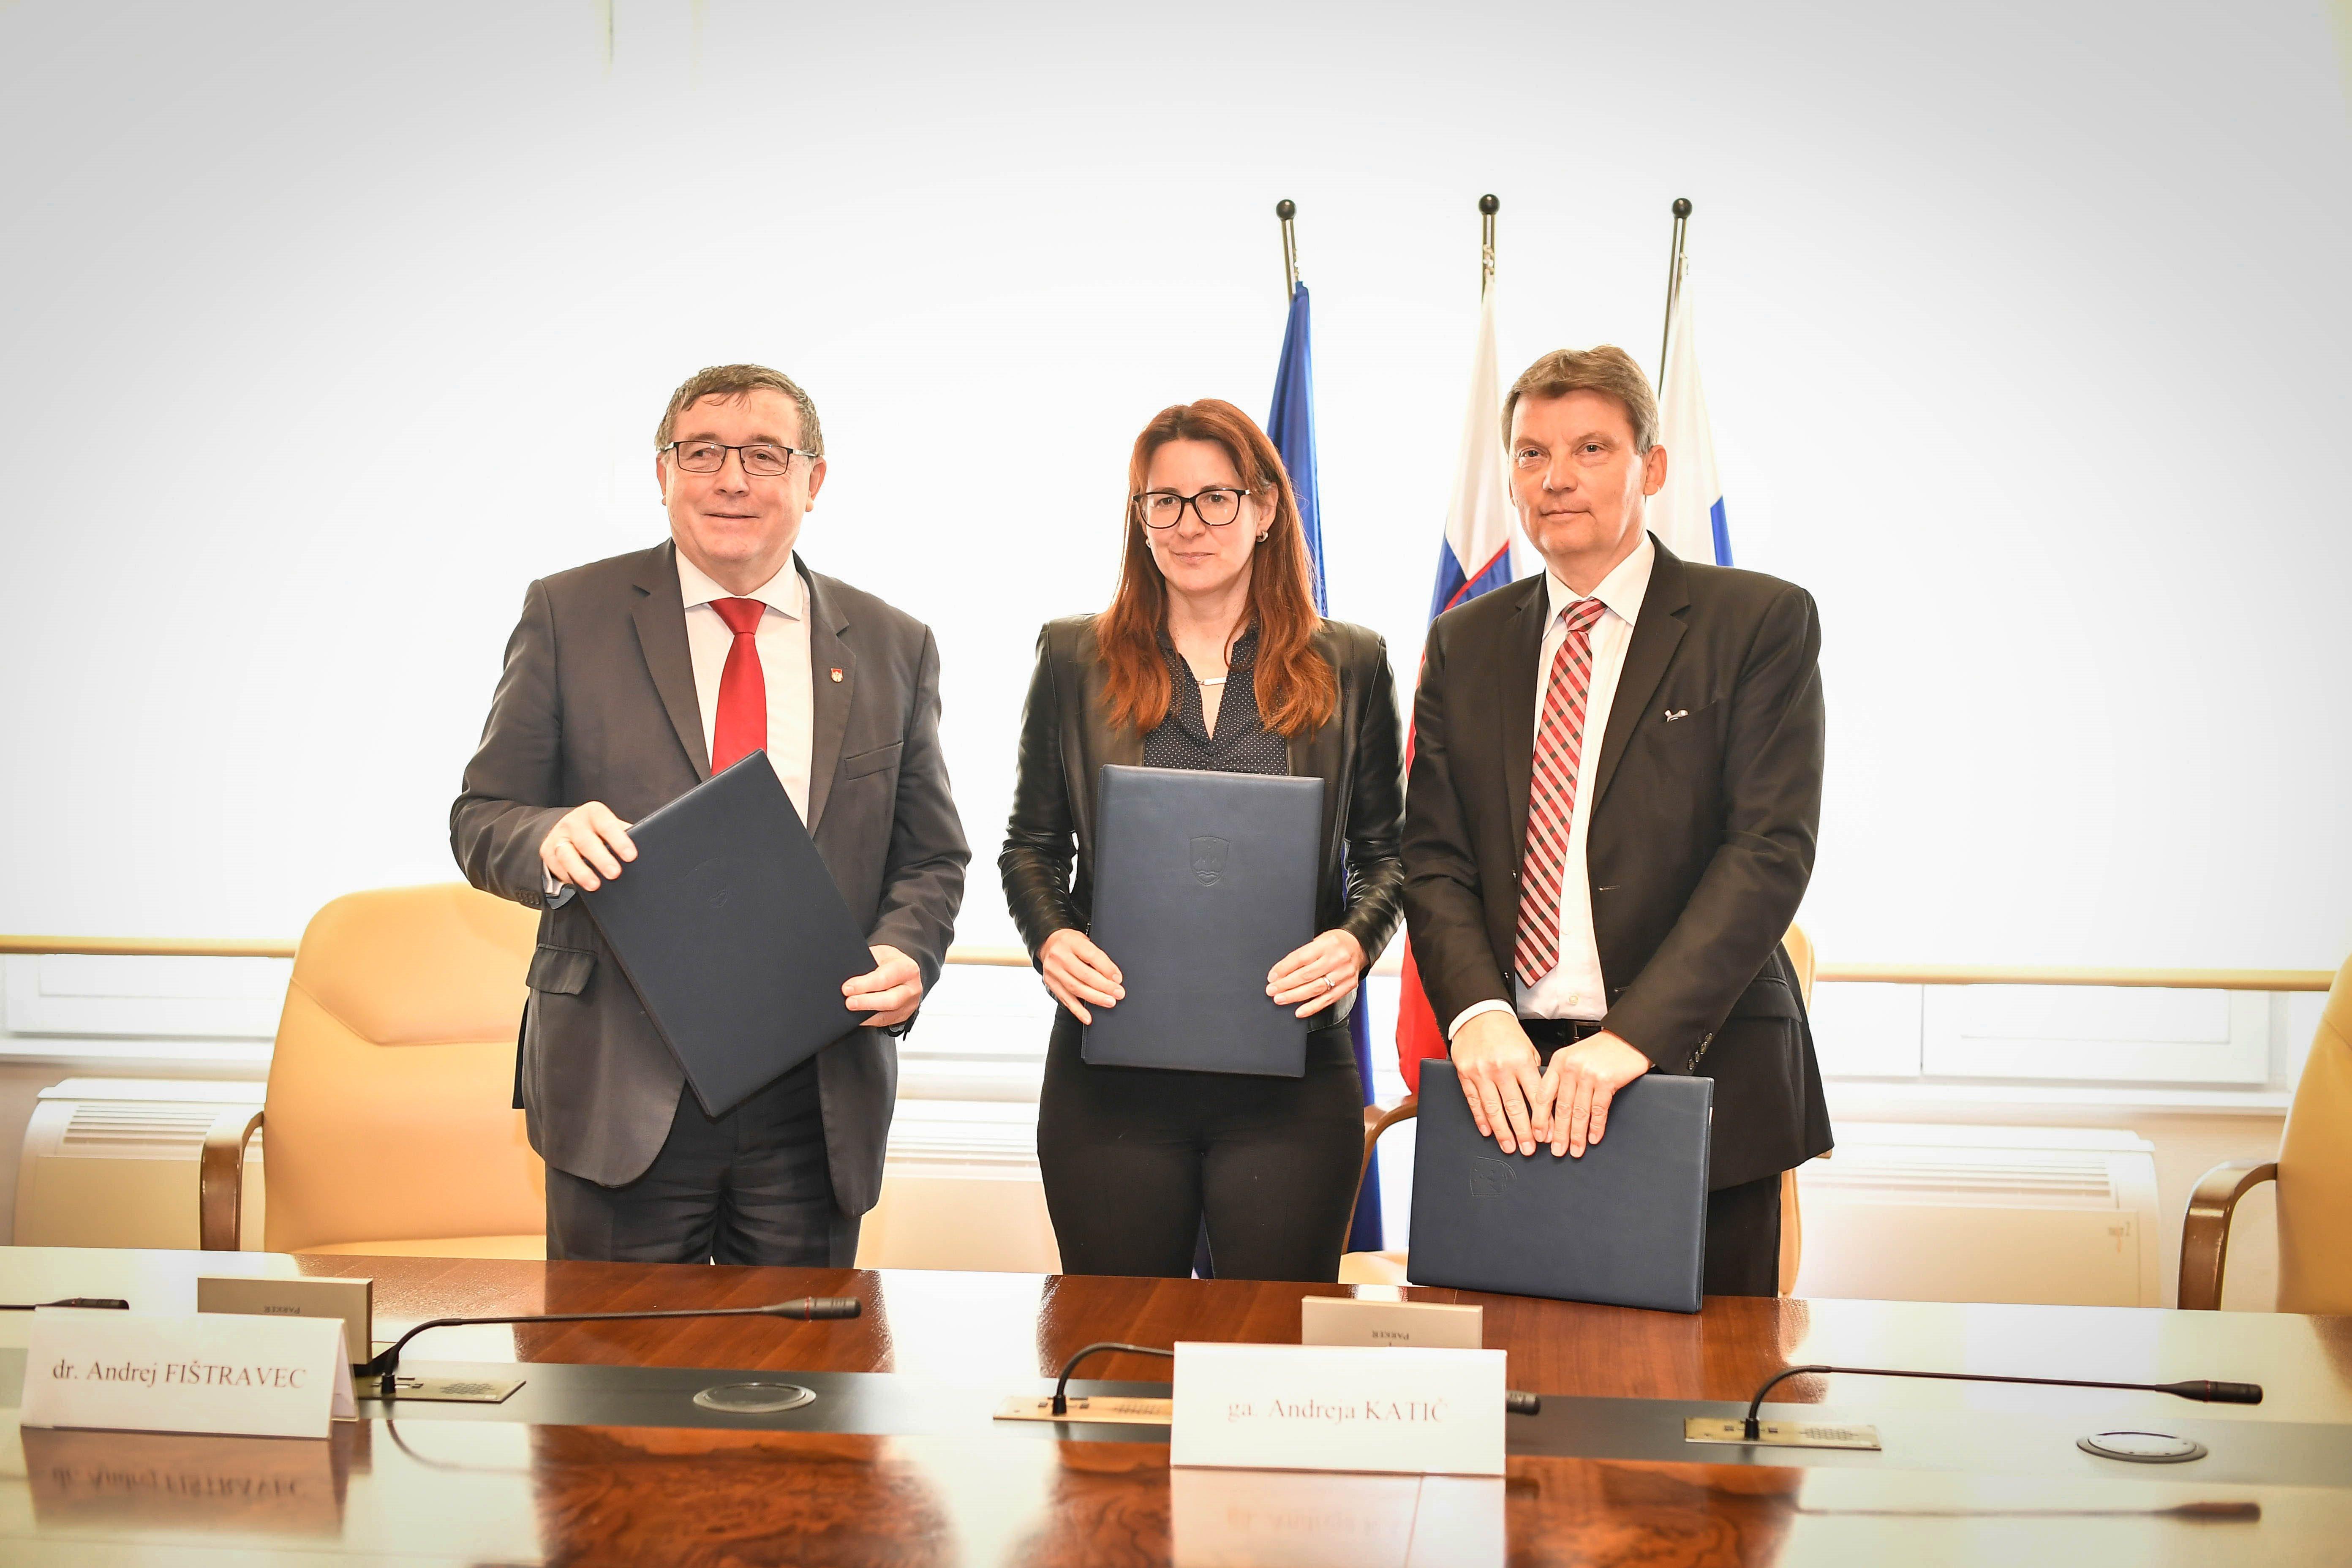 Vrednost menjalne pogodbe znaša nekaj več kot 3,1 milijona evrov.